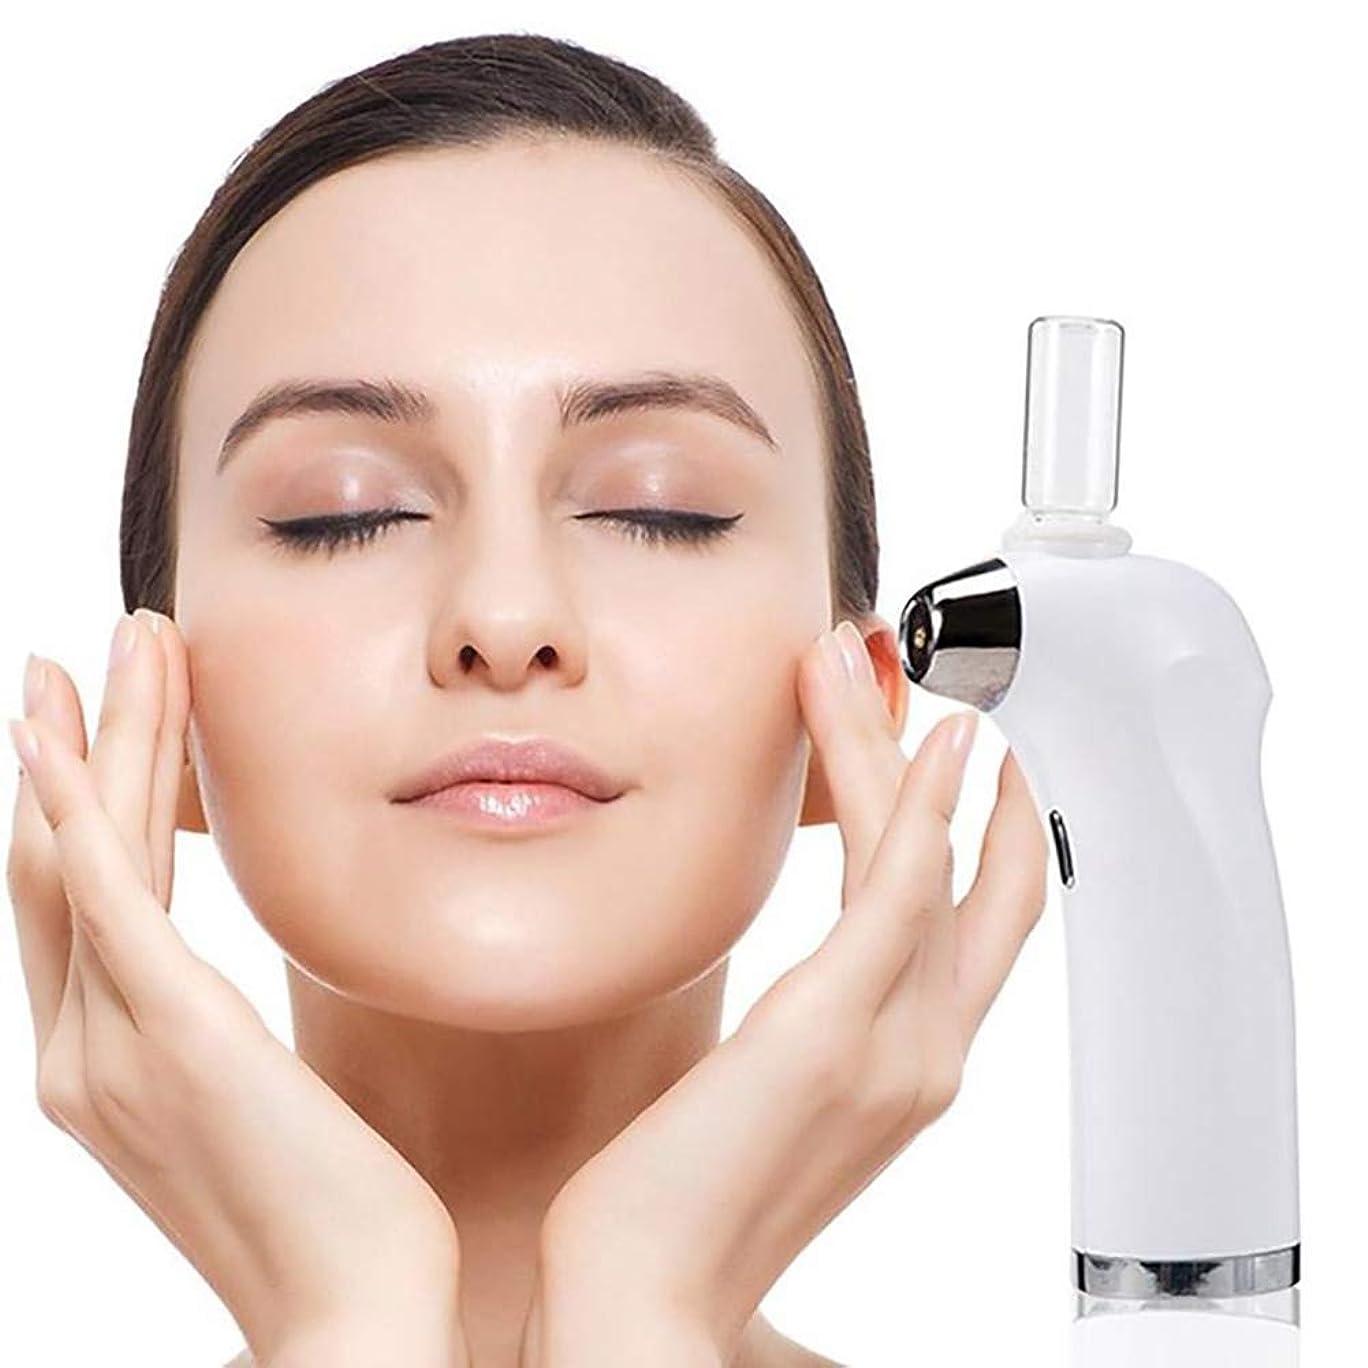 乳白色特許まさにフェイススチーマー、手持ち型の携帯用顔の保湿のスキンケアのスプレーヤーは満たすことができます